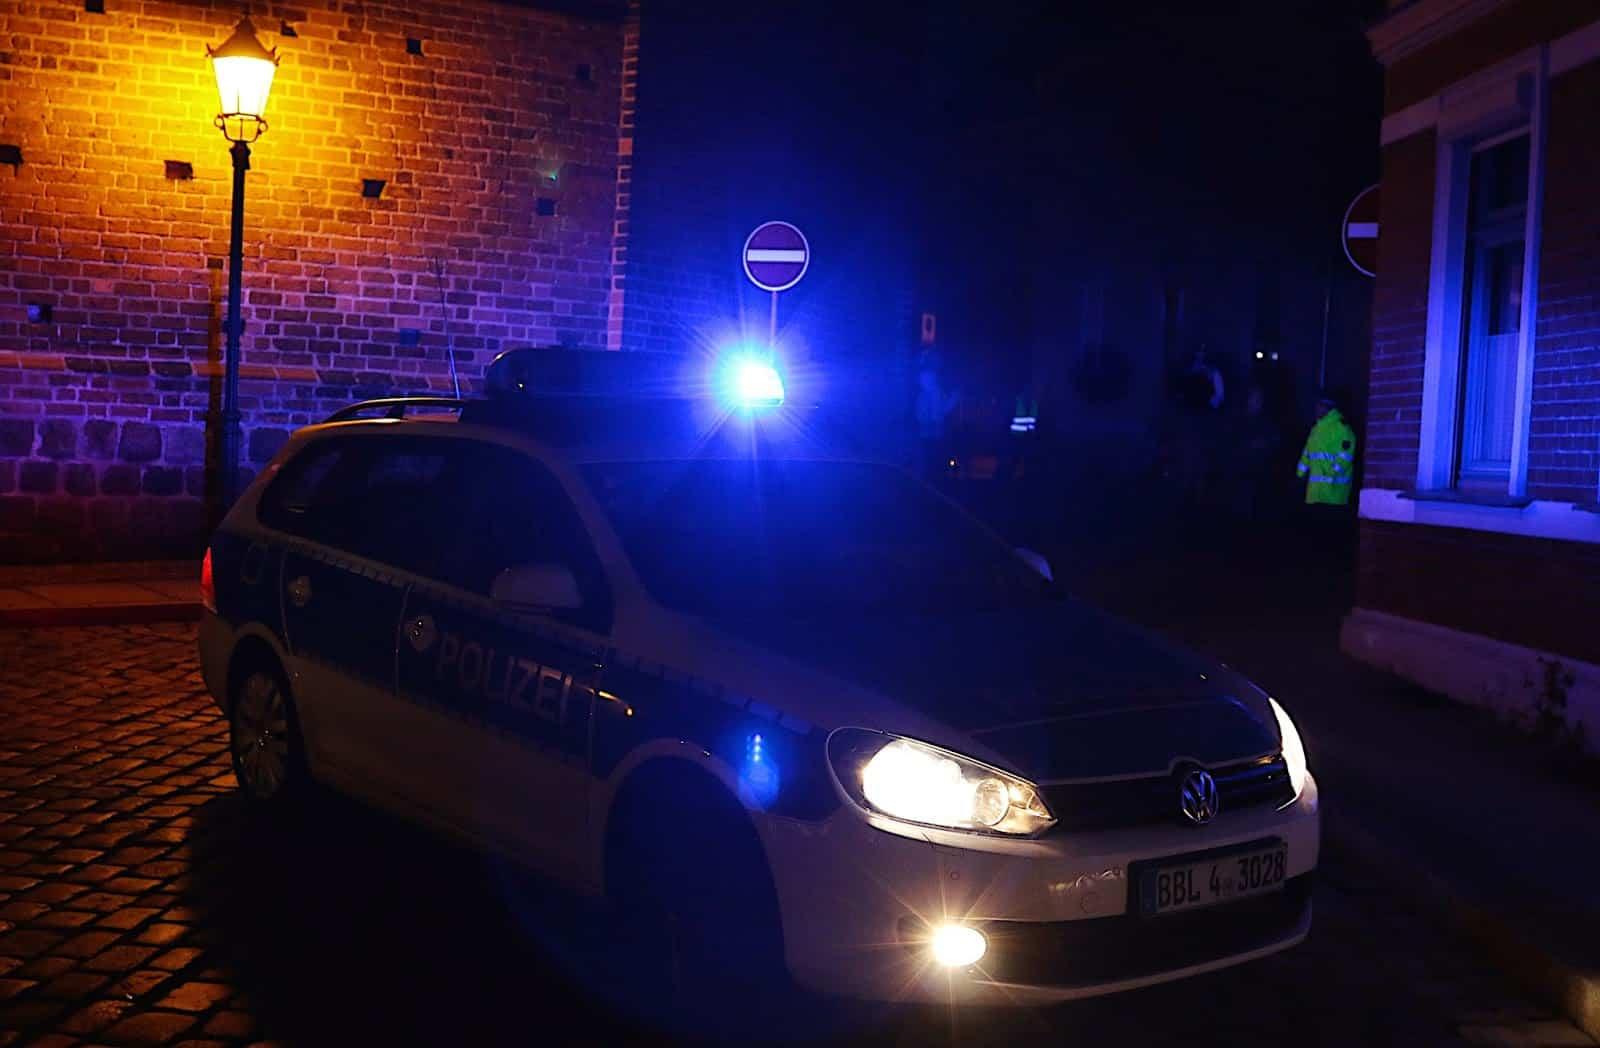 Barnim: Autos in Seefels aufgebrochen - PKW in Ahrensfelde gestohlen